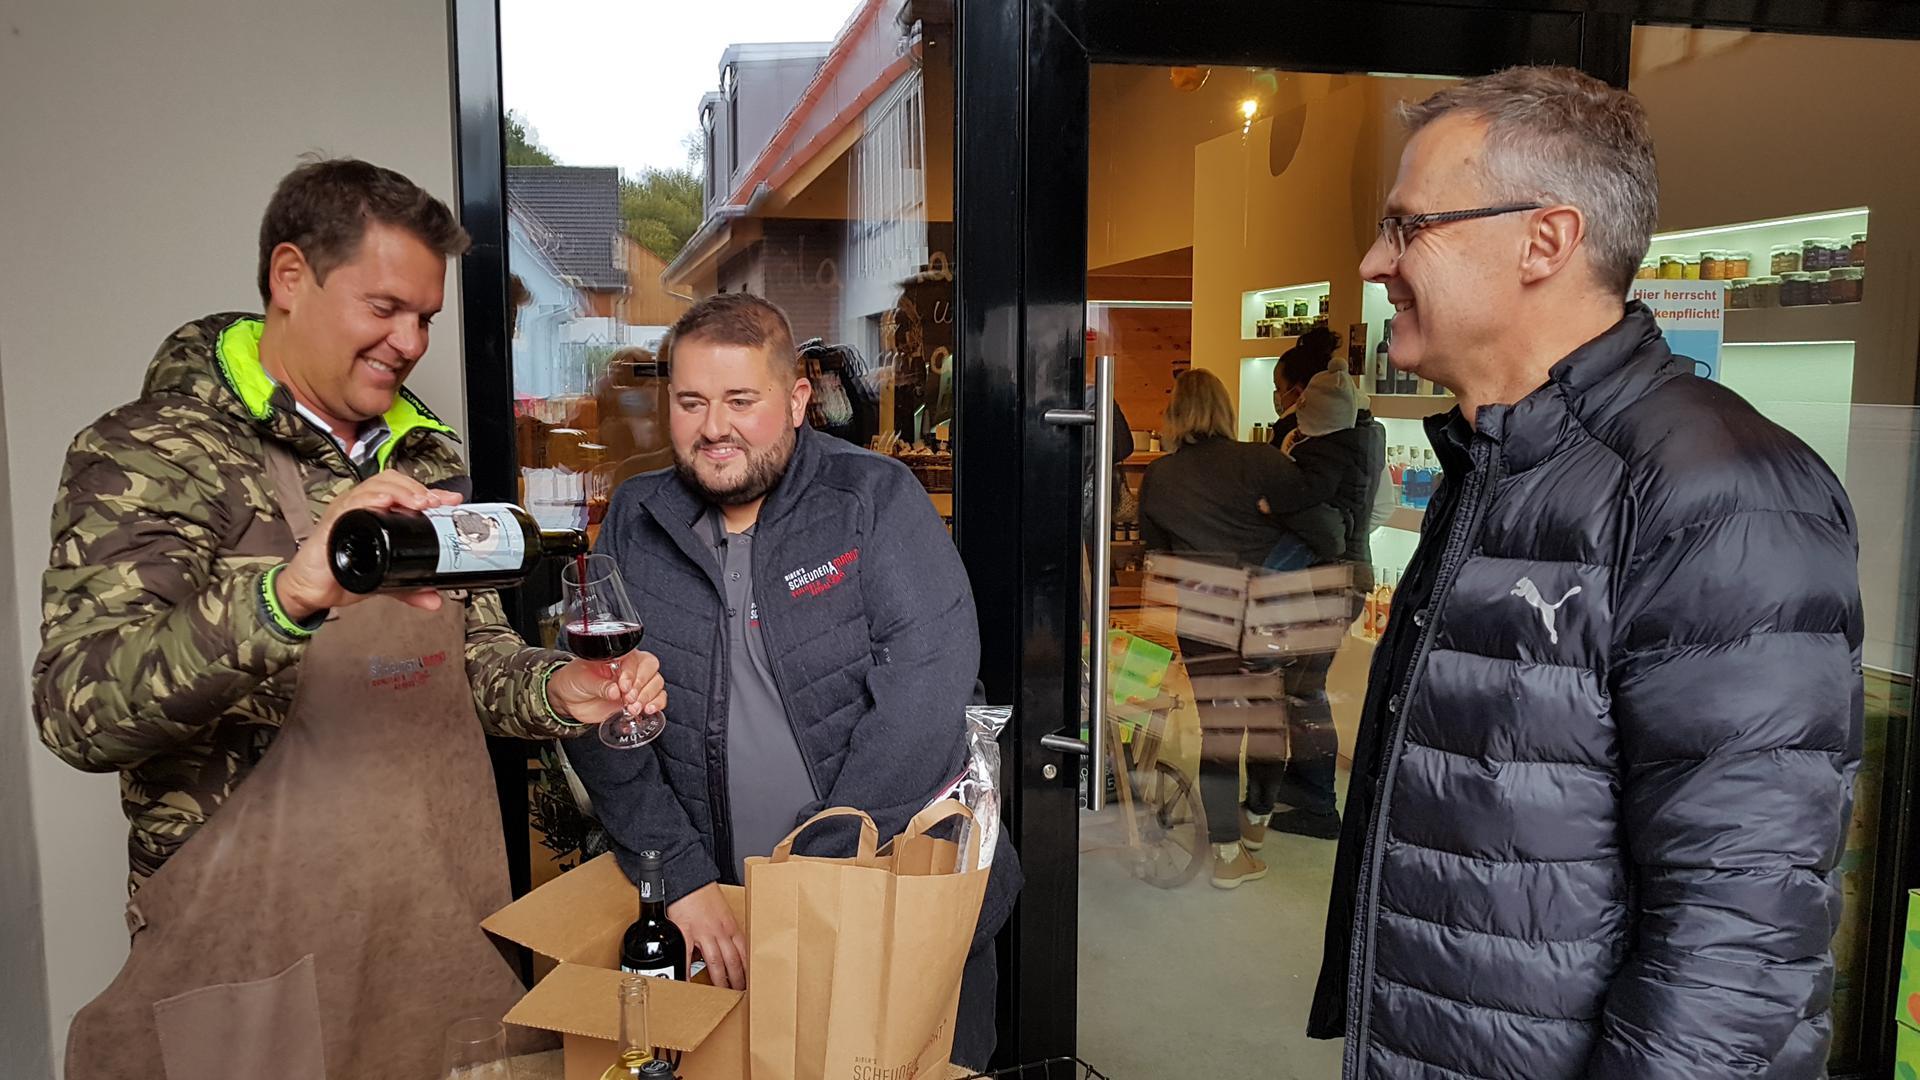 """Mallorca-Partysänger Peter Wackel (links) schenkt zur Eröffnung von """"Biber's ScheunenMarkt"""" in Großvillars gemeinsam mit Steffen Amann (Mitte) ein Gläschen für Thomas Antritter (rechts) ein."""